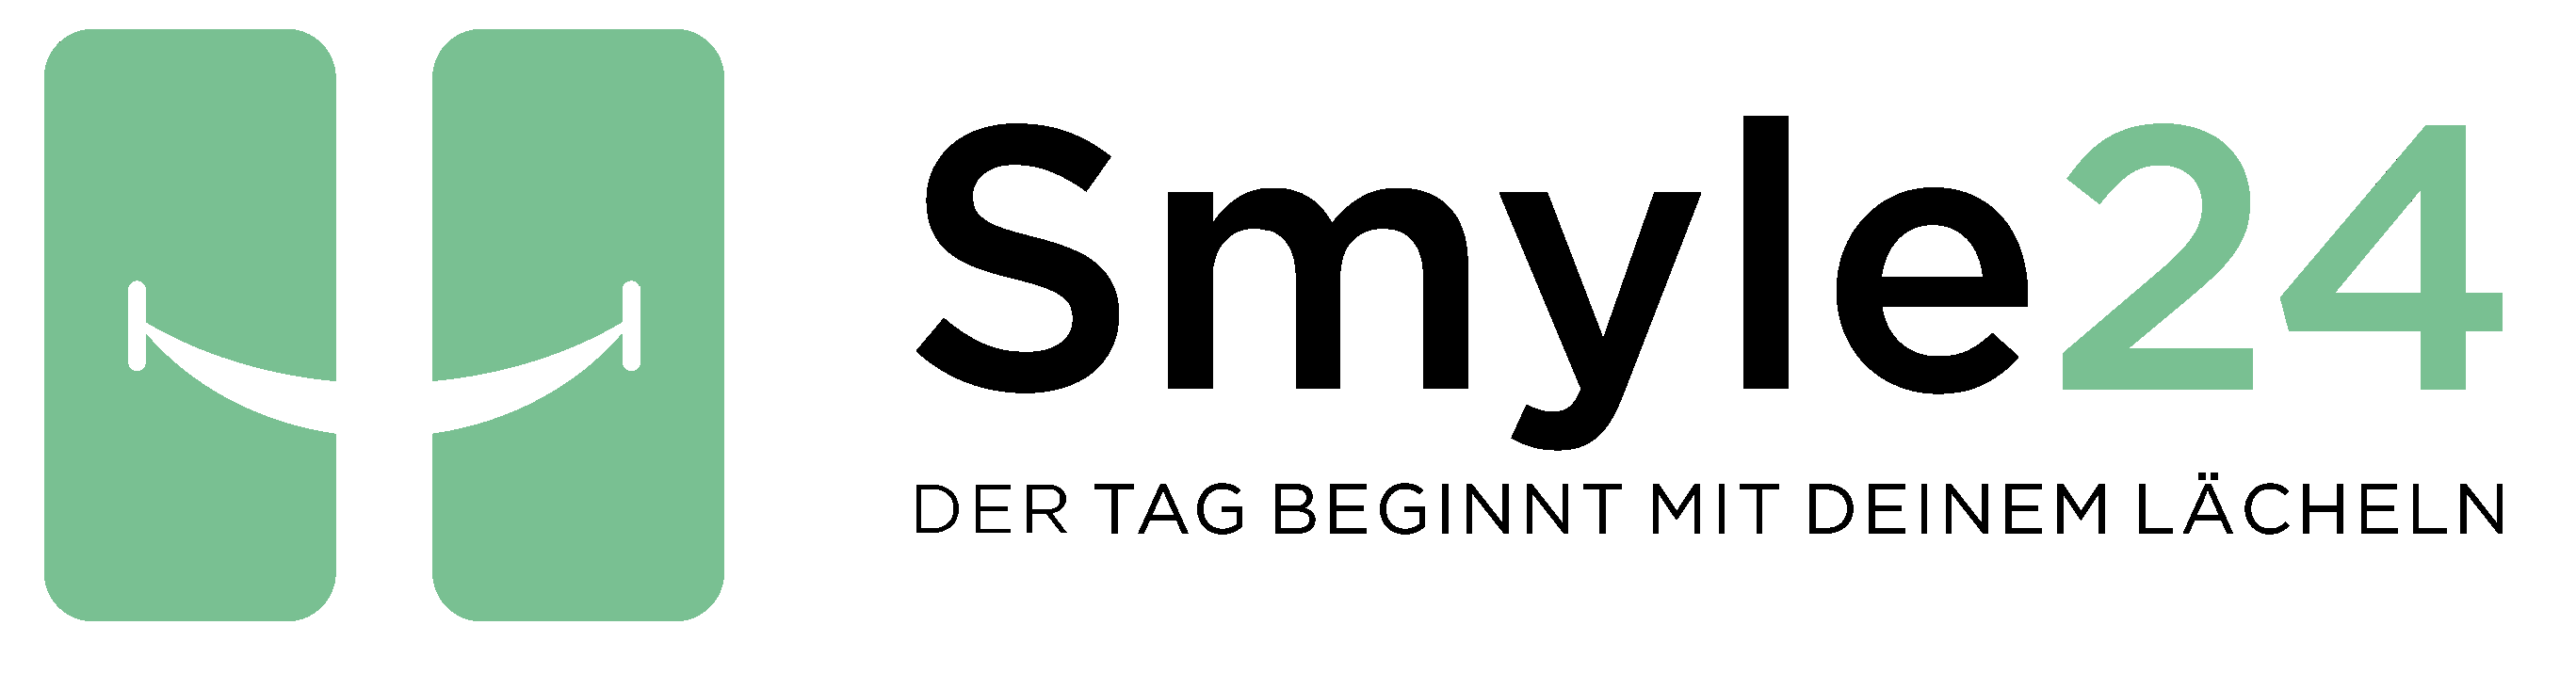 Logo Cropped Smyle24 groß weißer hintergrund